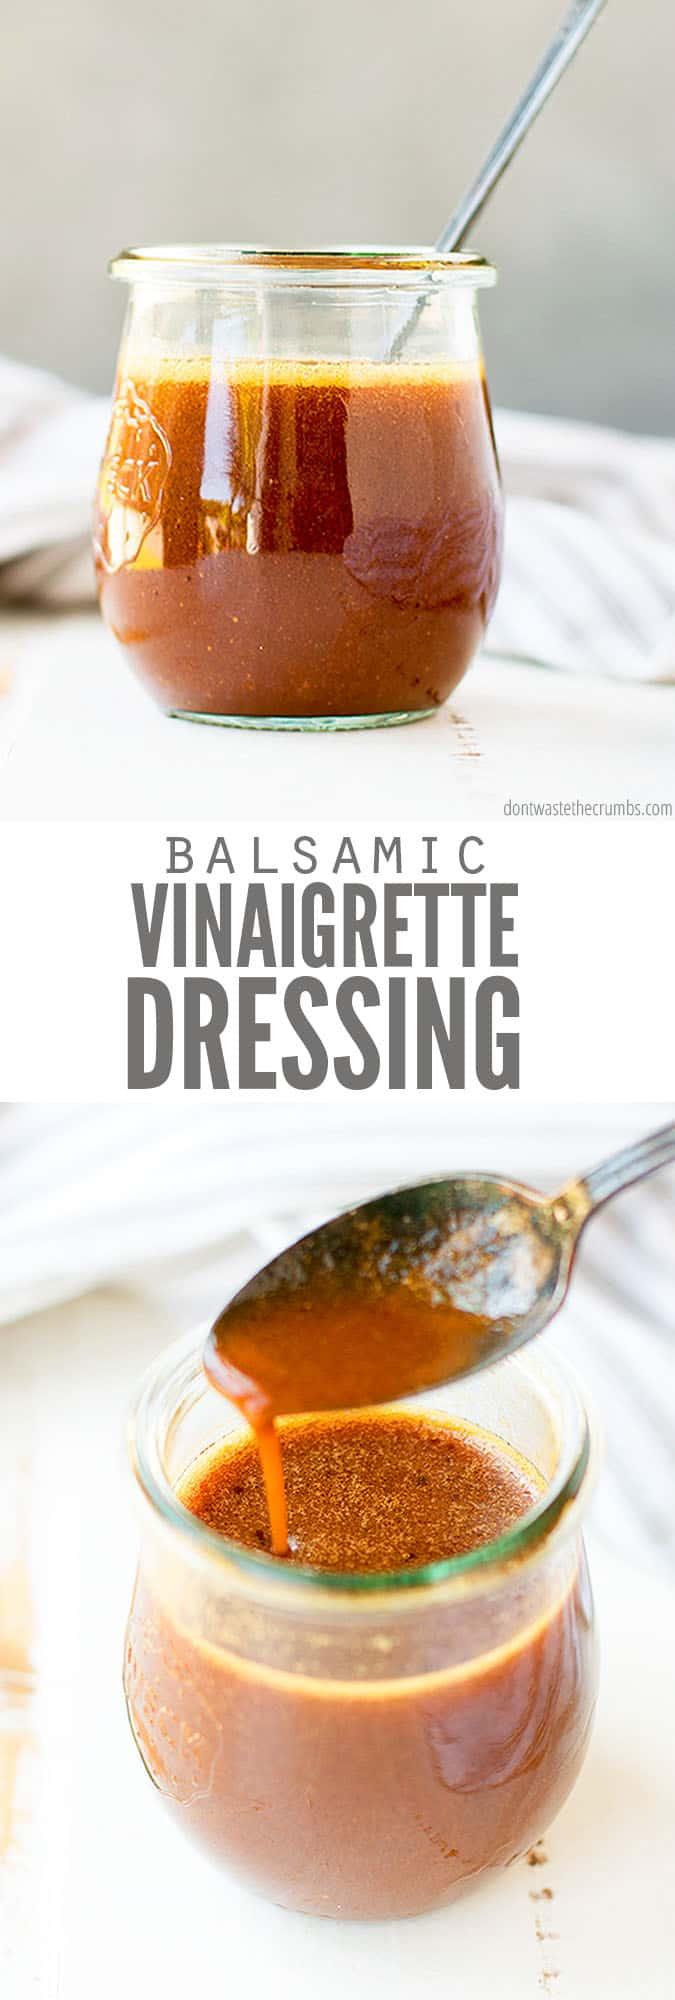 The Best Healthy Balsamic Vinaigrette Recipe 3 Ingredients Recipe Balsamic Vinegar Recipes Balsamic Vinaigrette Recipe Homemade Balsamic Vinaigrette